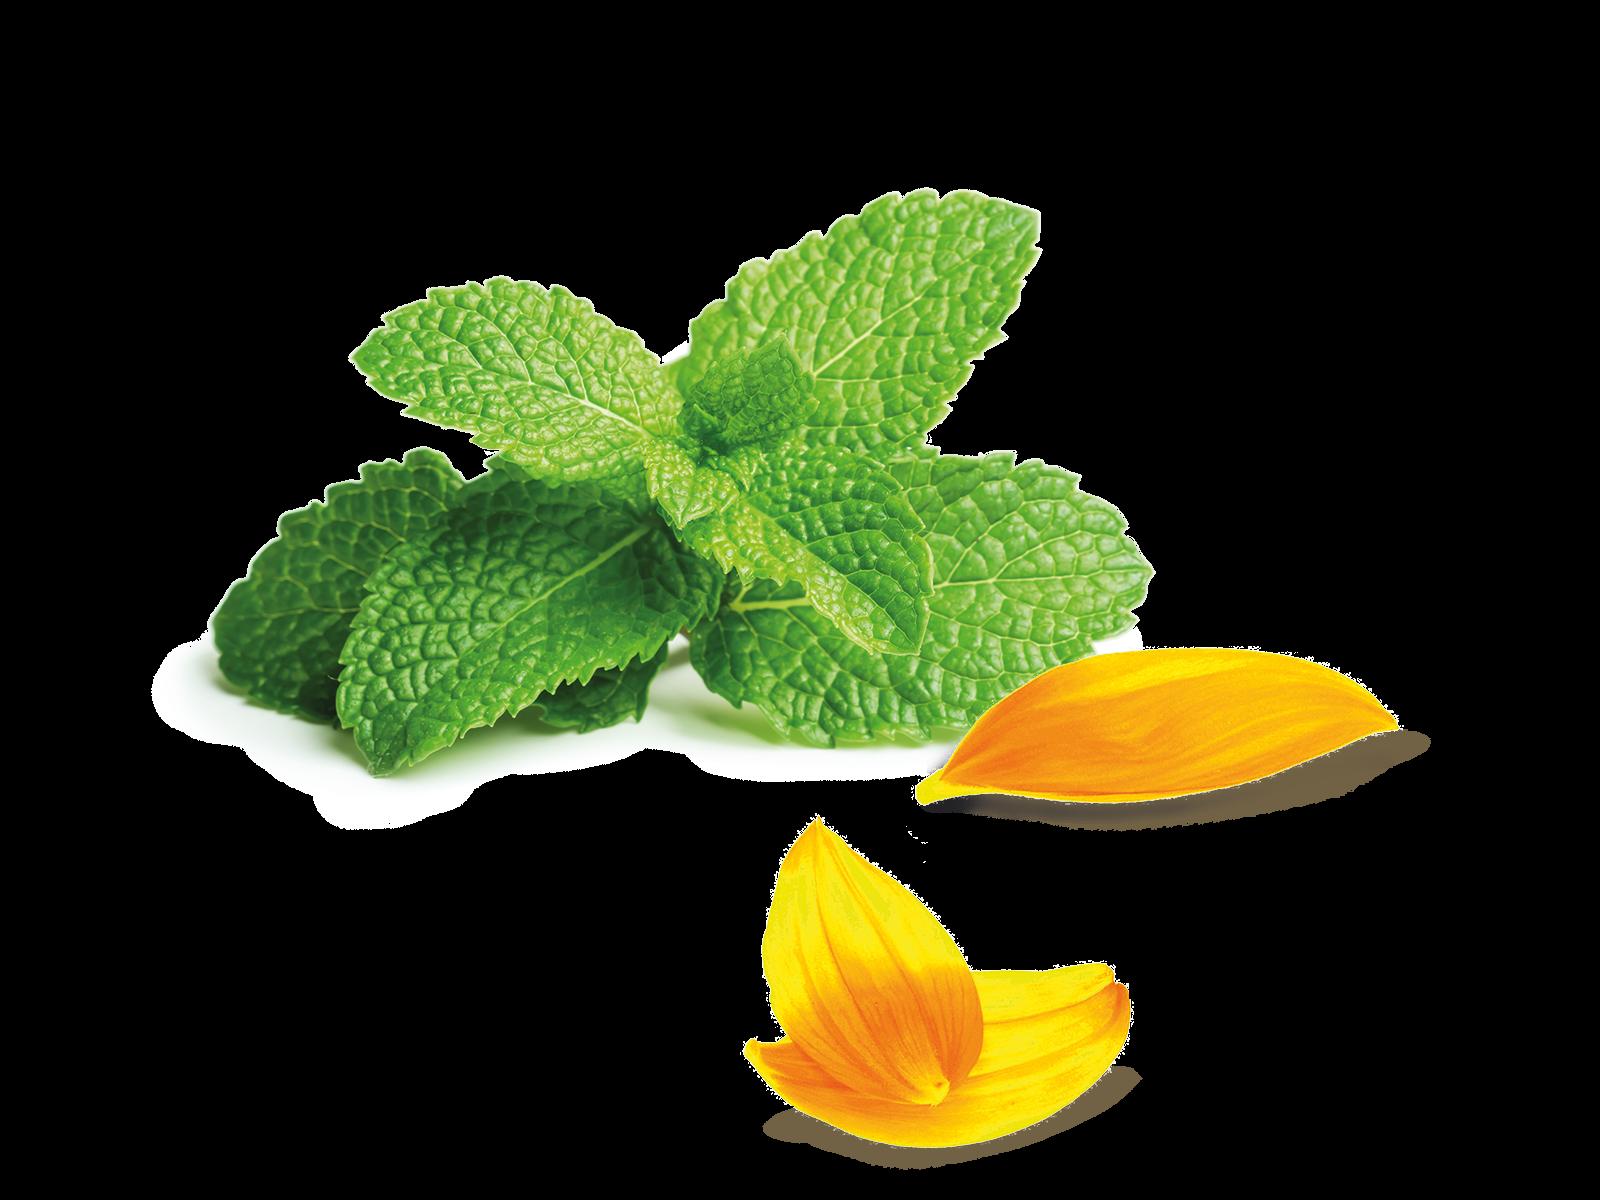 Pfefferminze und Sonnenblumenblätter aus dem Produkt Kräuter Pfefferminze + Sonne für Kaninchen und Meerschweinchen von Speers Hoff